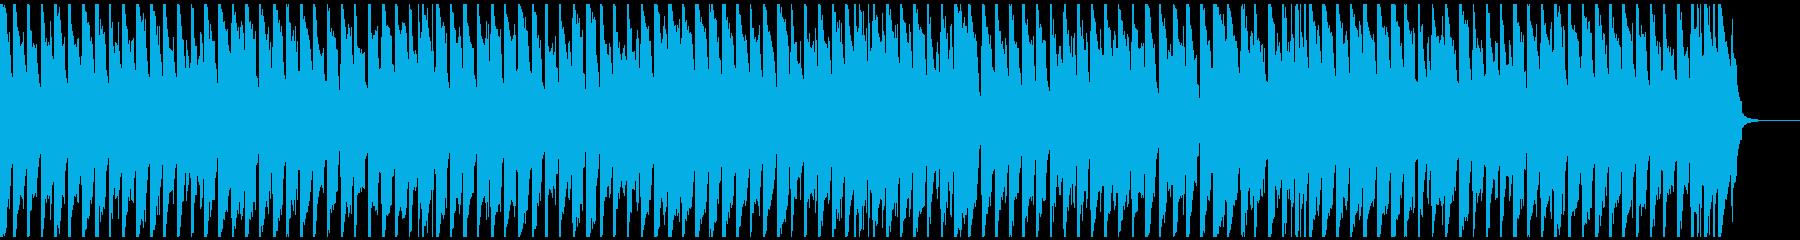 表彰式の定番ヘンデル 元気Verメロ抜きの再生済みの波形